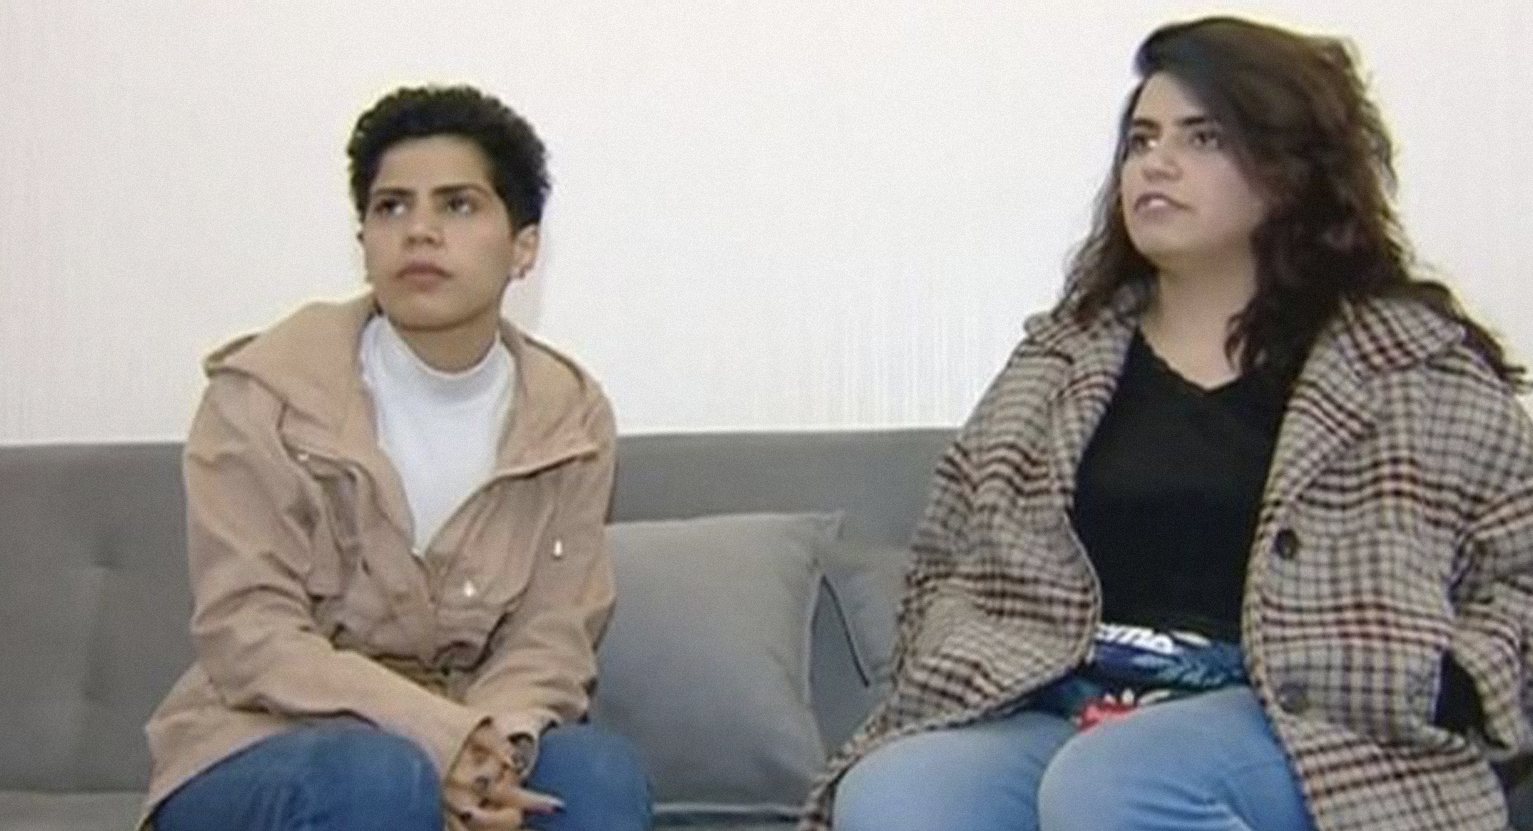 صورة مبادرة سعودية للحد من ظاهرة هروب المرأة وبحث سبل تمكينها في المنزل